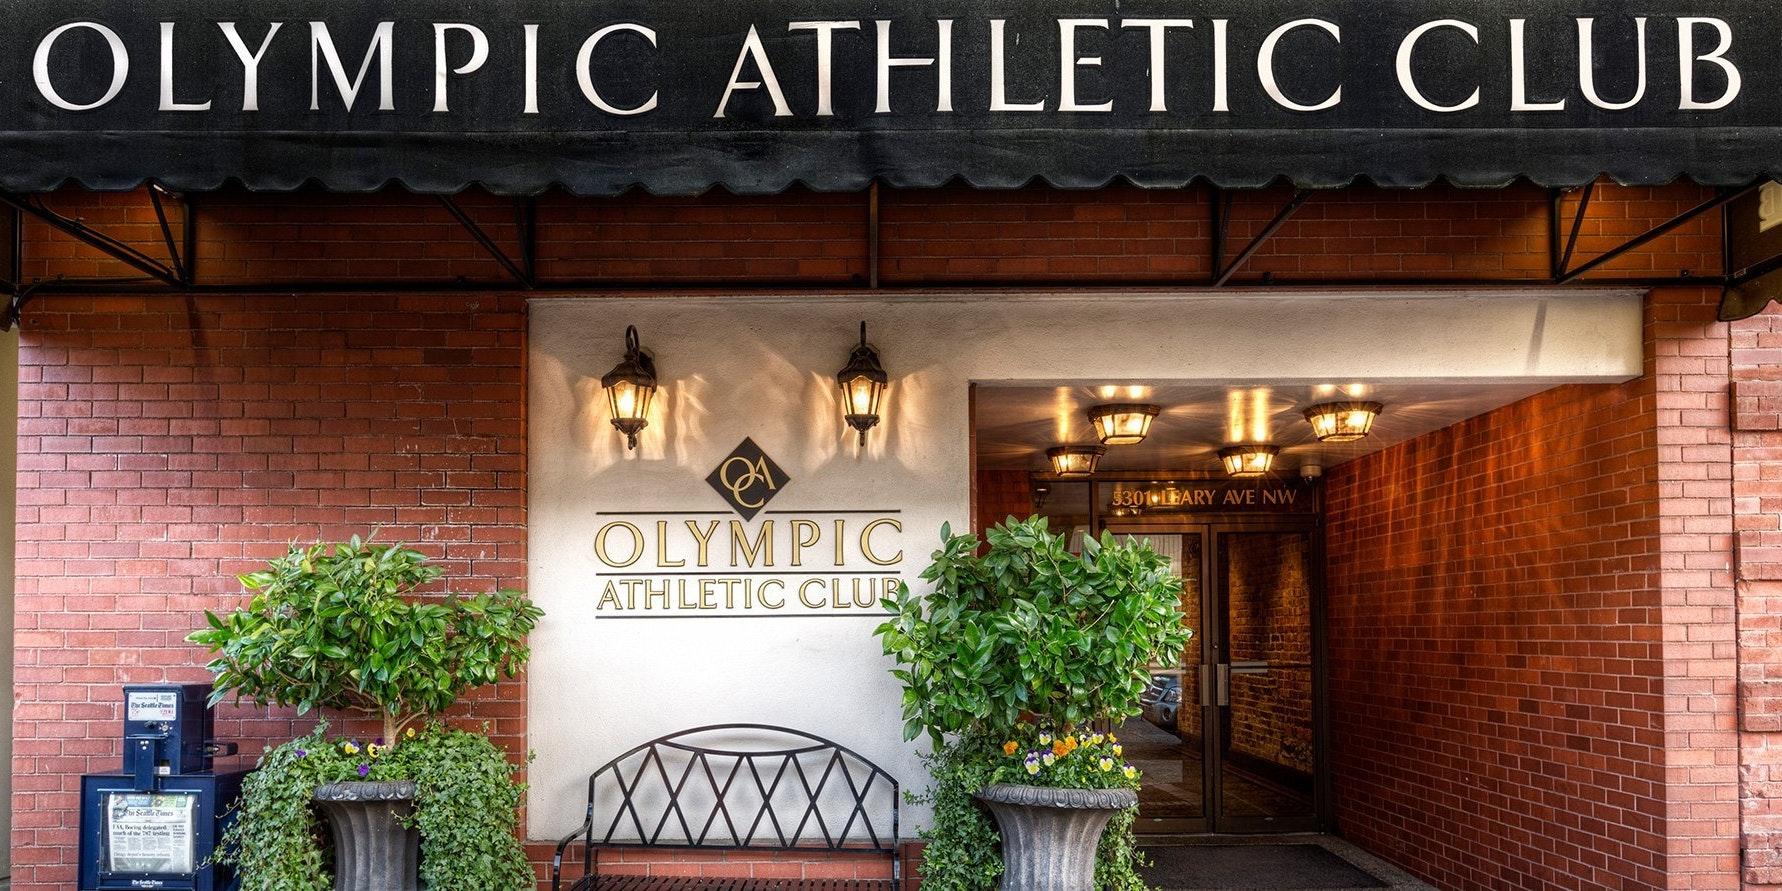 Olympic Athletic Club